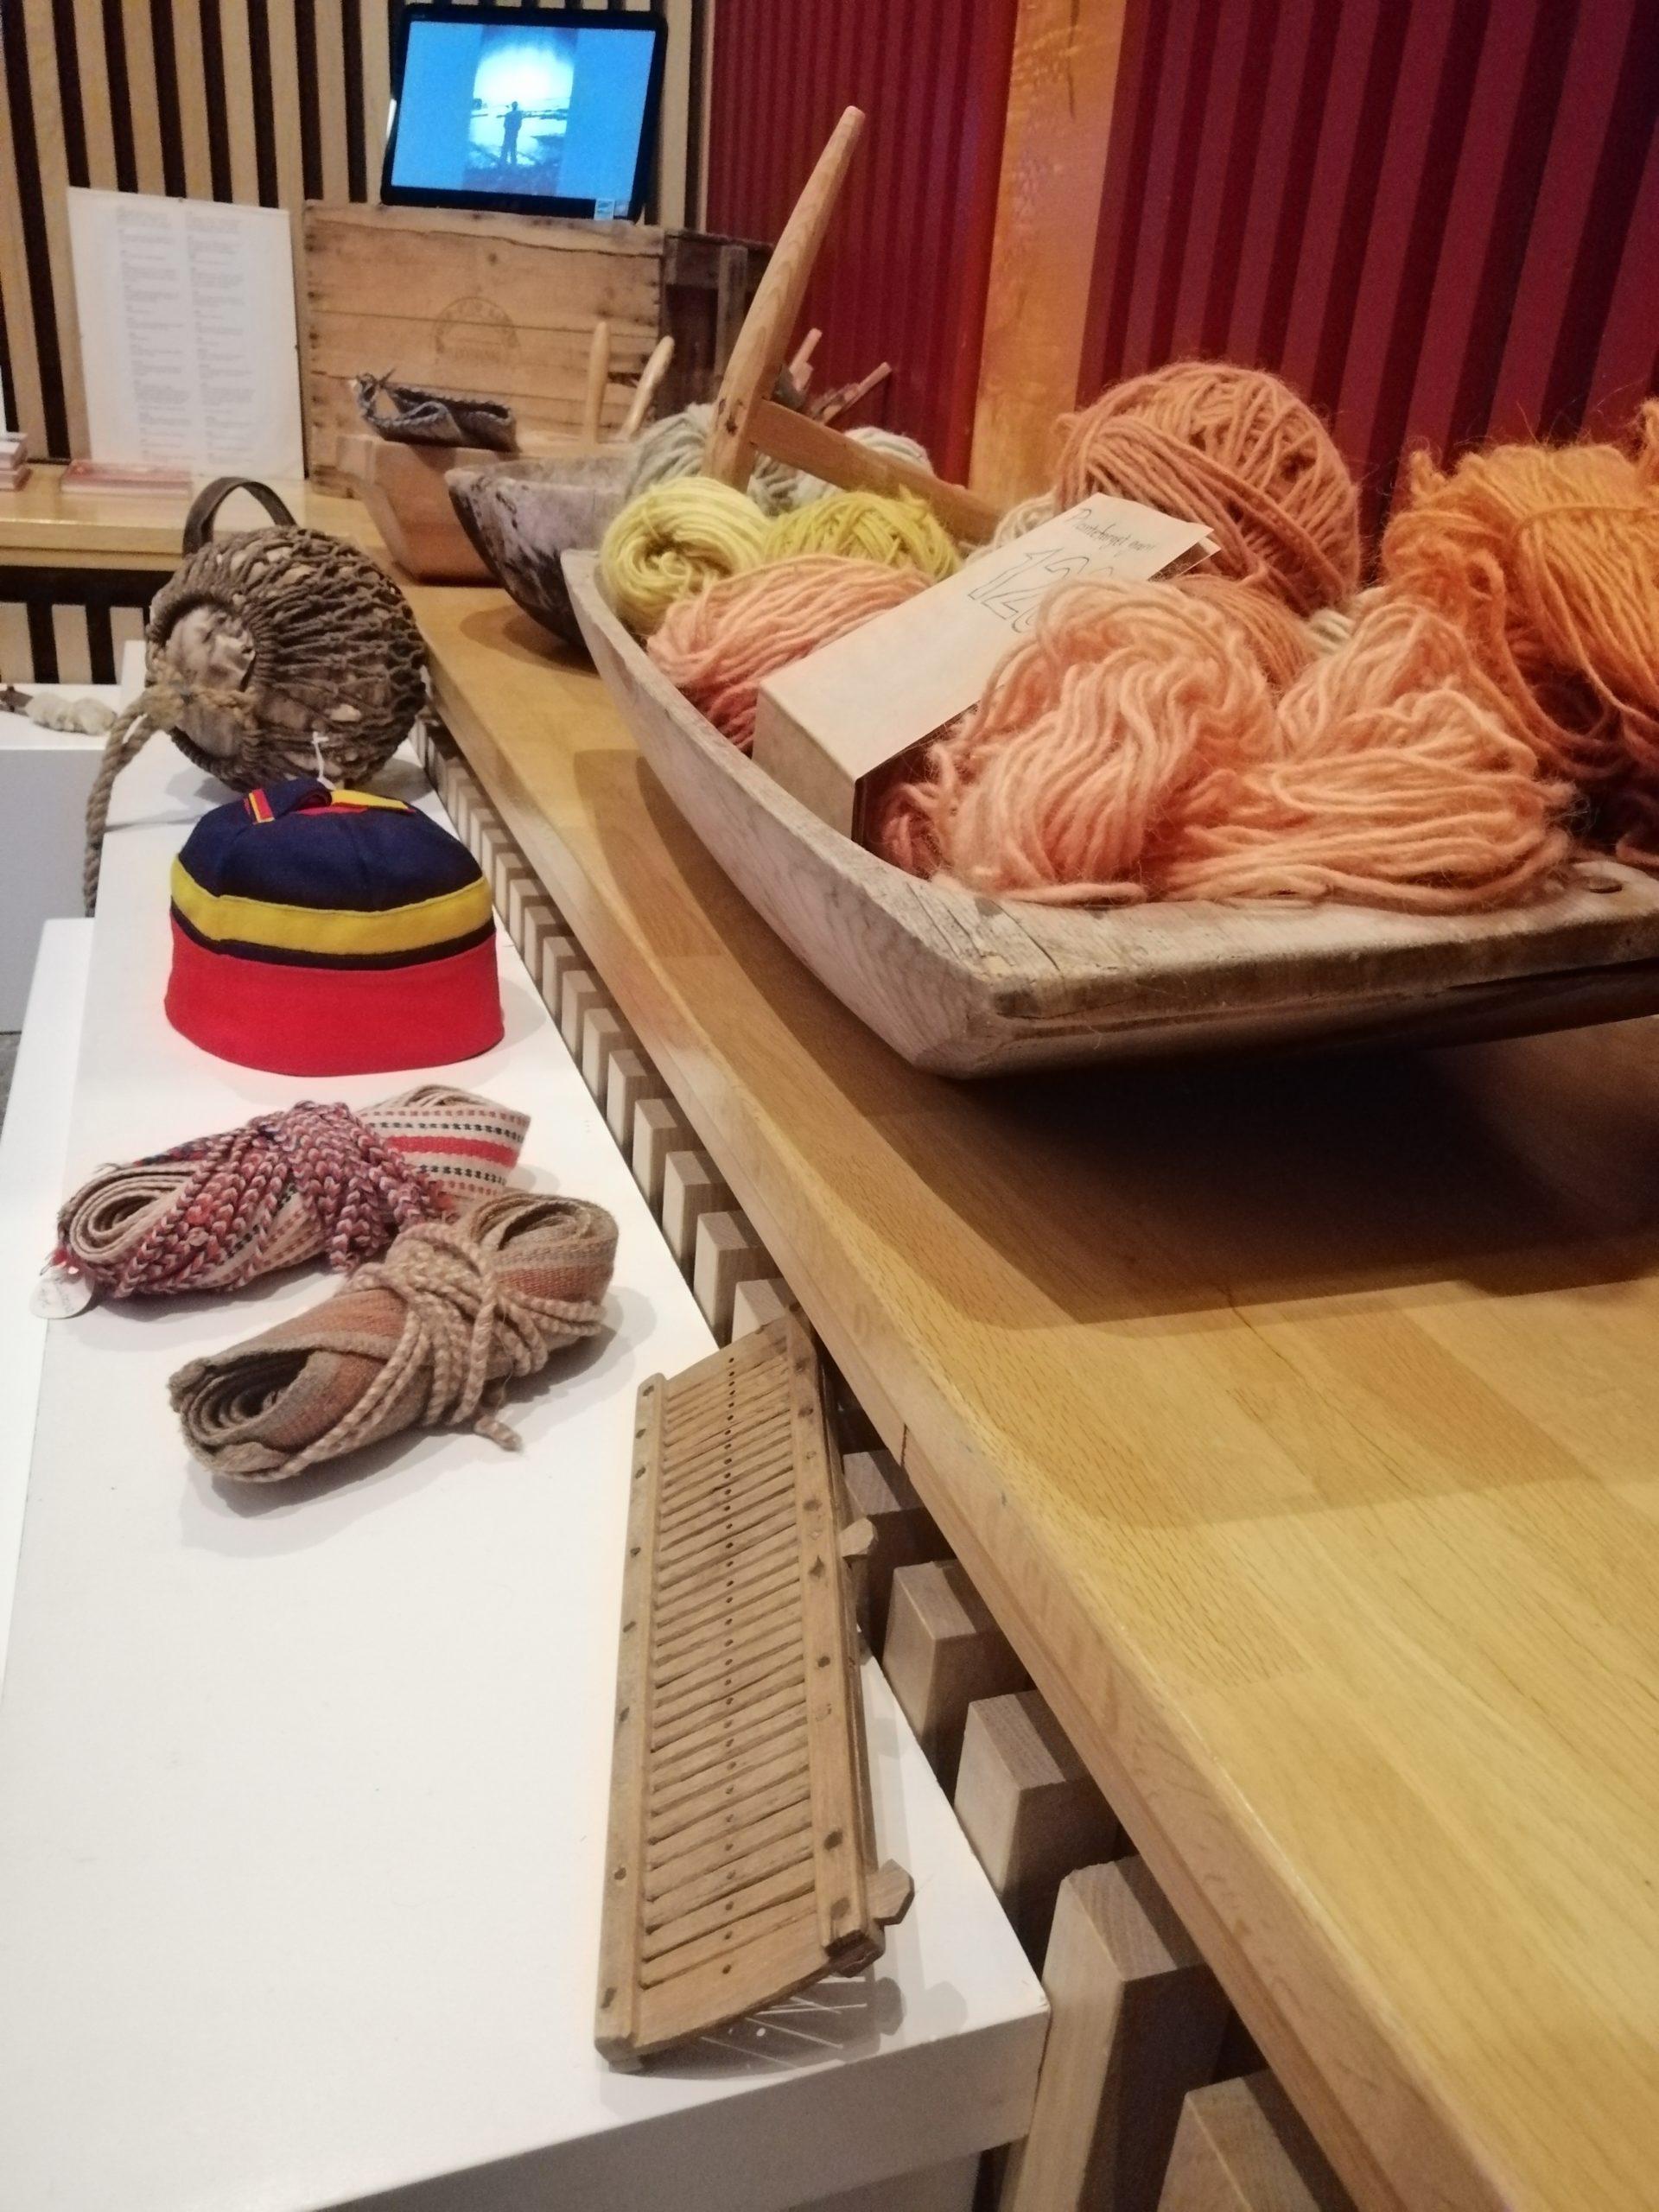 Bilde av museumsgjenstander (to skallebånd, en lue fra Kvalsund, en glasskavel, og et trau av tre med plantefarget garn i orange, brunt og gult